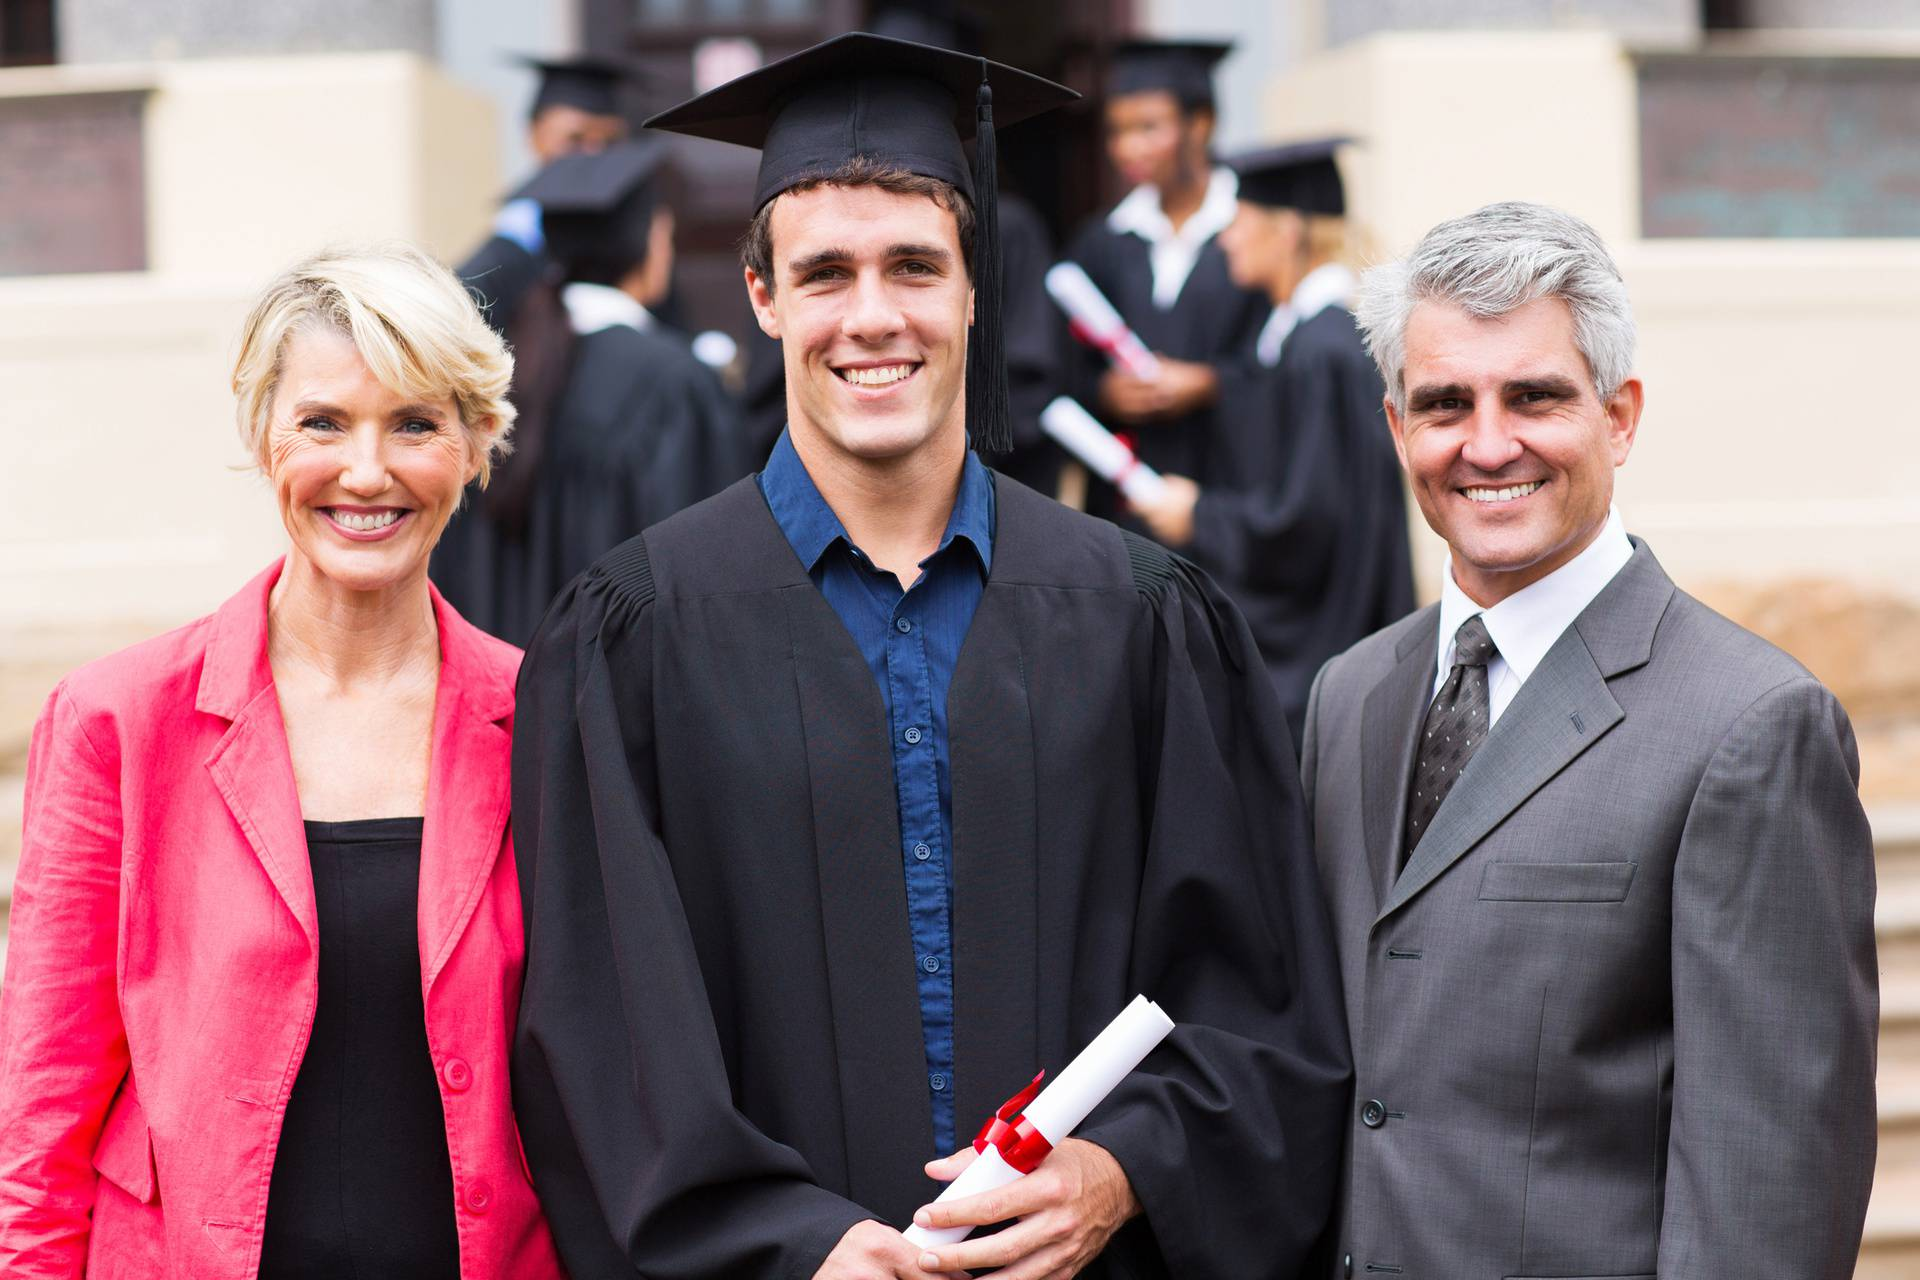 Djeca čiji roditelji imaju diplomu osjećaju veći stres dok su u školi